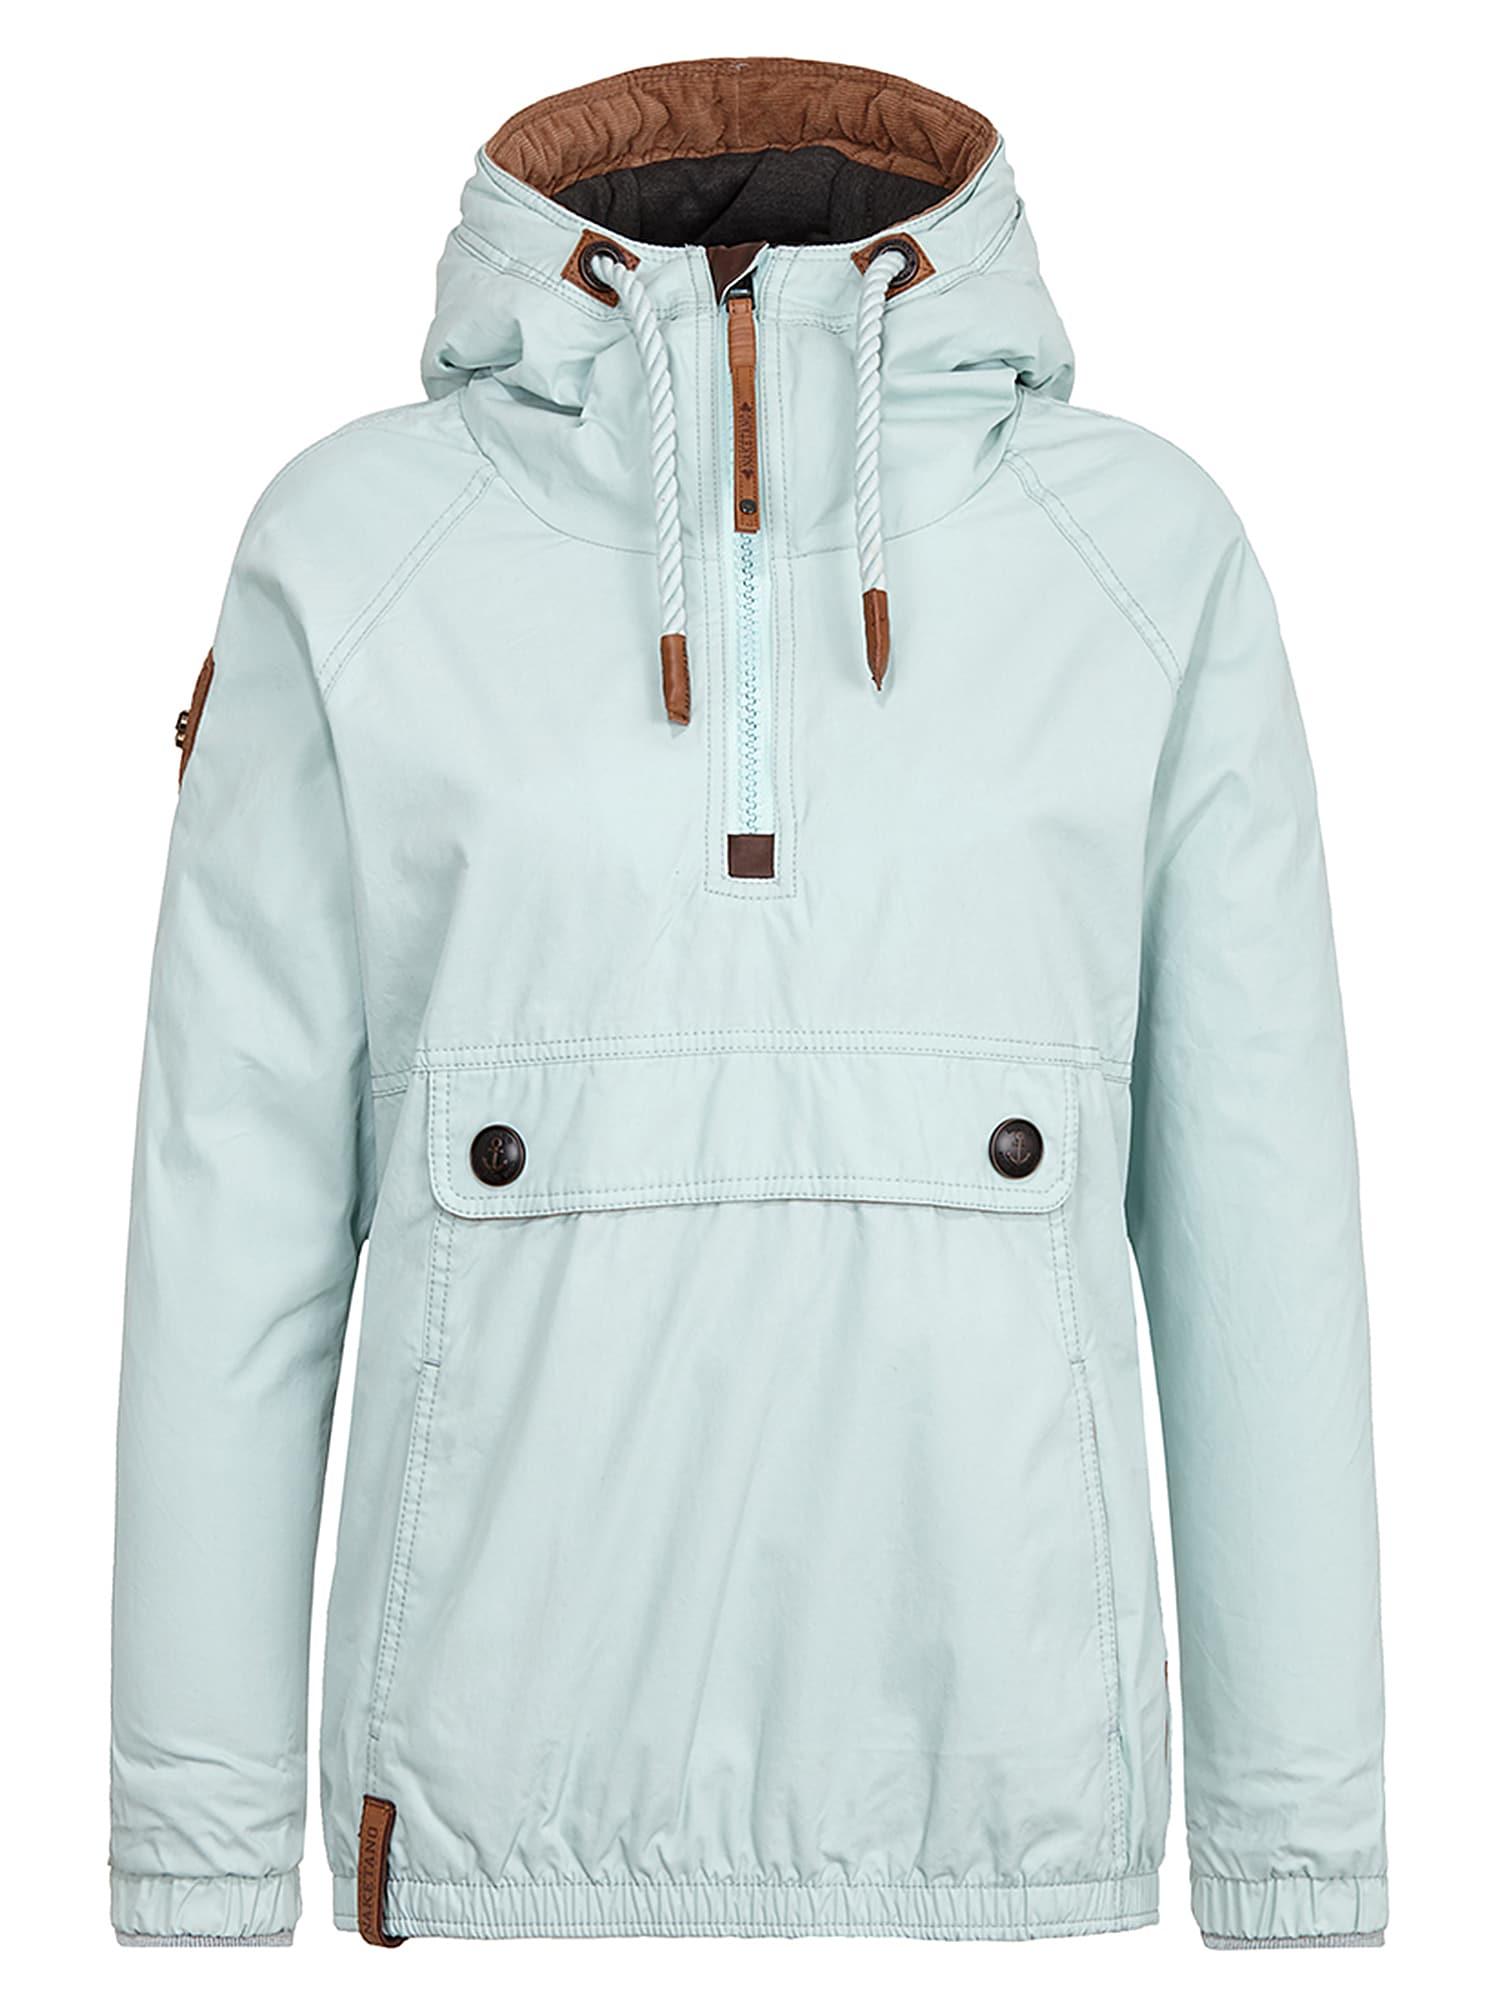 Zimní bunda Benficker Nuno pastelově zelená Naketano